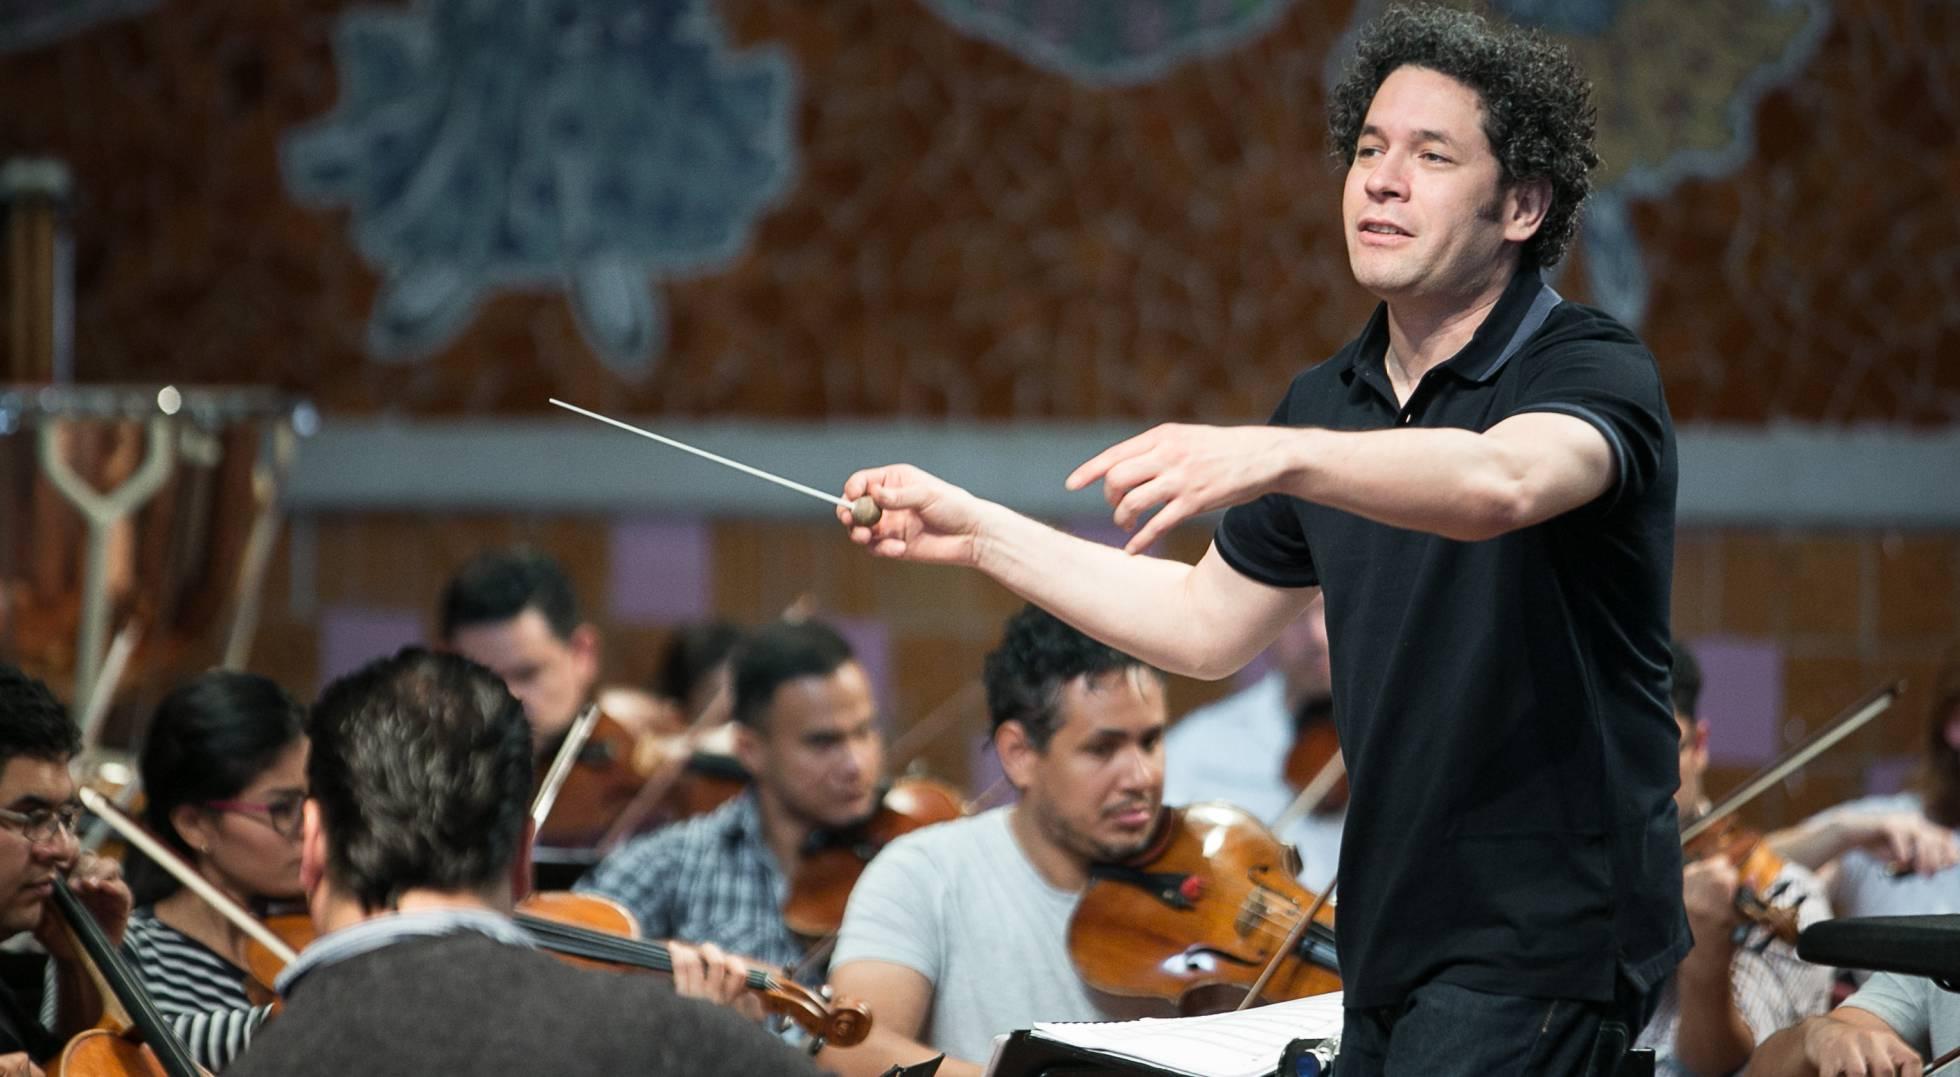 Ensayo del director Gustavo Dudamel con la Orquesta Sinfónica Simón Bolívar el pasado marzo en el Palau de la Música de Barcelona. ALBERT GARCÍA